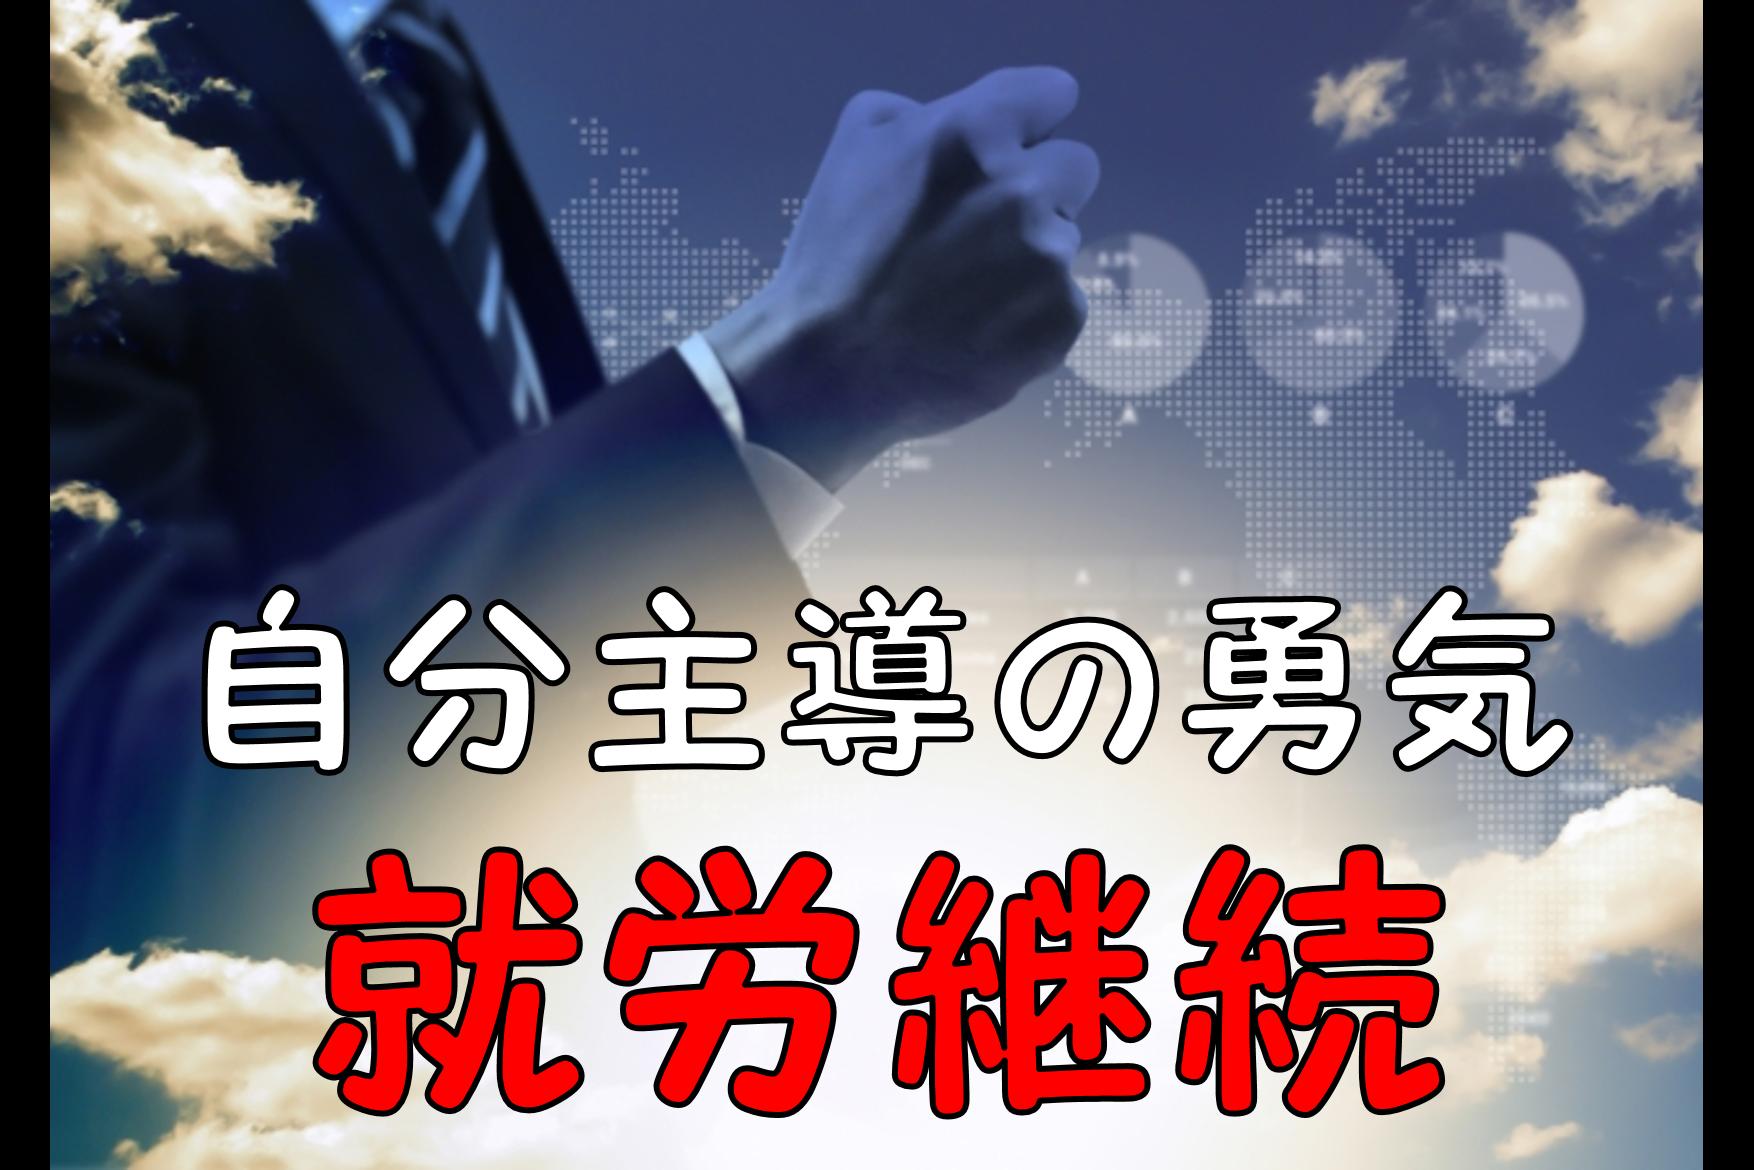 自分主導になる勇気~メンバーさんの記事~